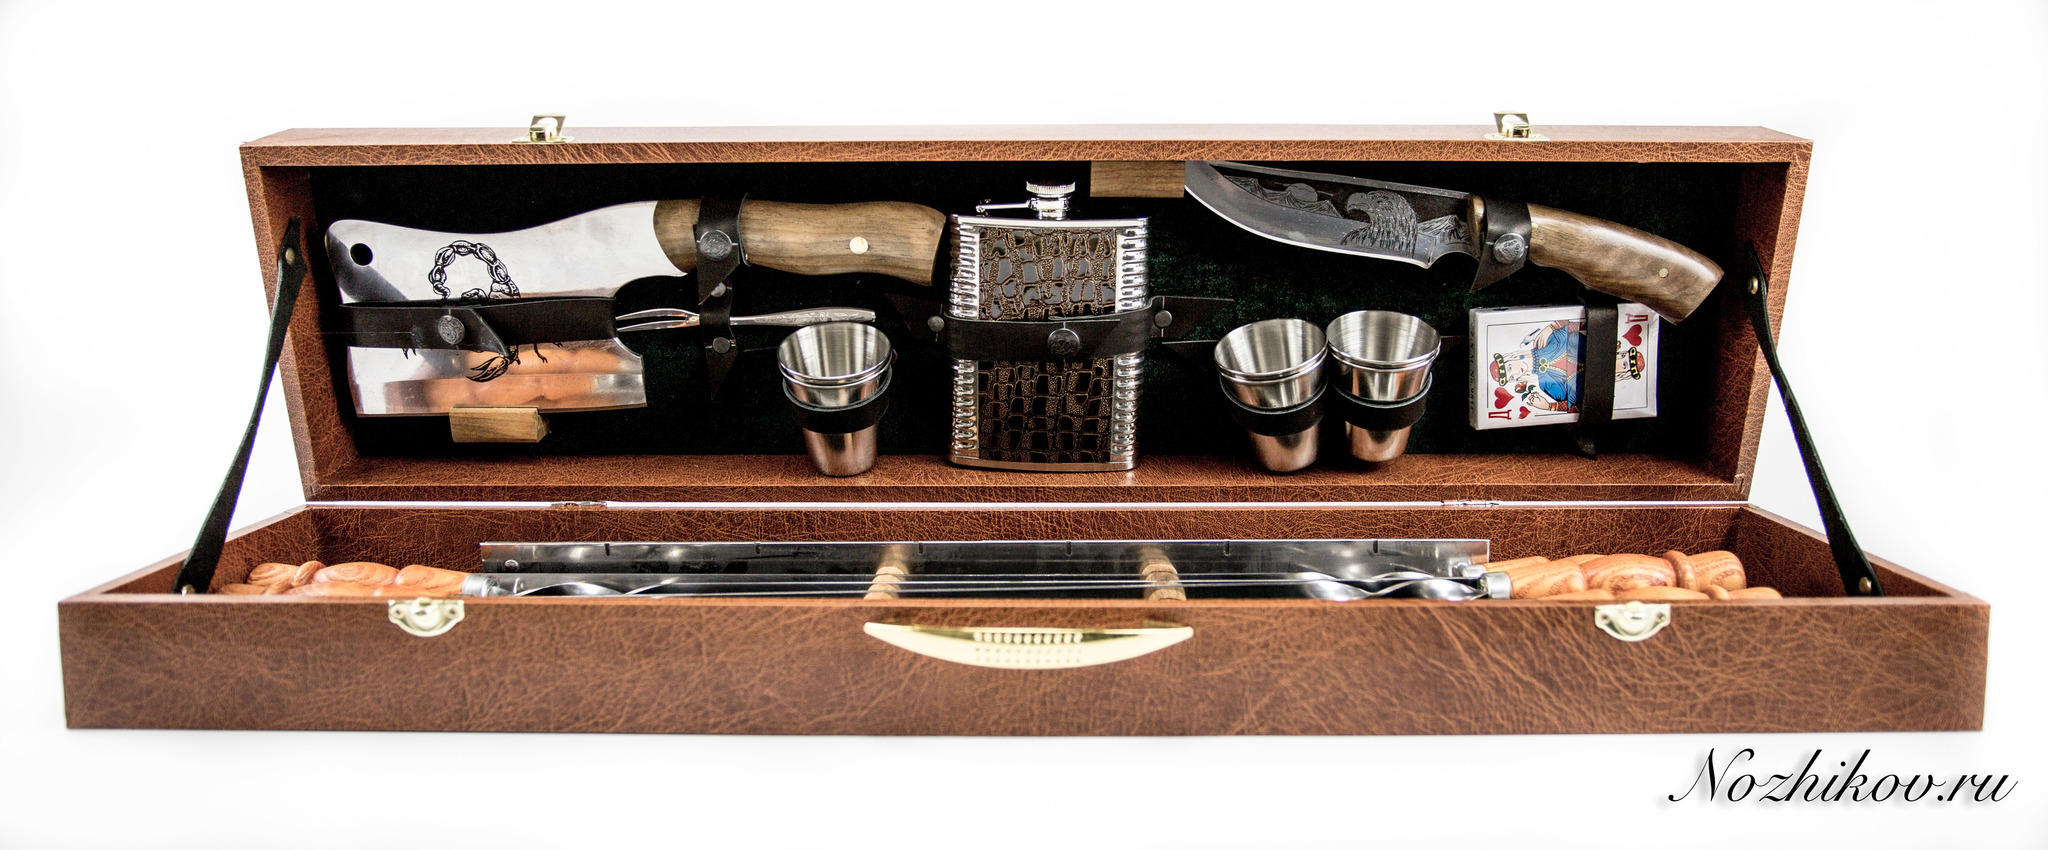 Шашлычный набор Боярский №2, КизлярНожи Кизляр<br>Оригинальный шашлычный набор боярский №2 - образец роскоши и хорошего вкуса. С такой комплектацией он станет отличным вариантом для любого пикника или вылазки на охоту. Подарочный набор для шашлыка в чемодане даст возможно без проблем взять с собой все необходимые инструменты, если речь идет о вылазке на природу. Здесь есть нож и топорик для обработки мяса, шампуры, металлические рюмки, фляга и даже колода карт для того, чтобы весело провести время. Набор для шашлыка и барбекю в чемодане от Кизляр понравится пользователям еще и за счет удобства. Конструкцию легко транспортировать и внутри все составляющие надежно зафиксированы на своих местах. Внутри набора никогда не будет бардака и необходимое приспособление владелец быстро сможет взять для использования.<br>Комплектация набора:- вместительный чемодан из дерева;- шашлычные шампуры с резными деревянными ручками - 6 шт;- складной мангал;- туристические стопки - 6 шт;- фляжка походная;- нож Кизляр;- топор-тяпка Скорпион;- вилка для снятия шашлыка;- колода игральных карт.<br>